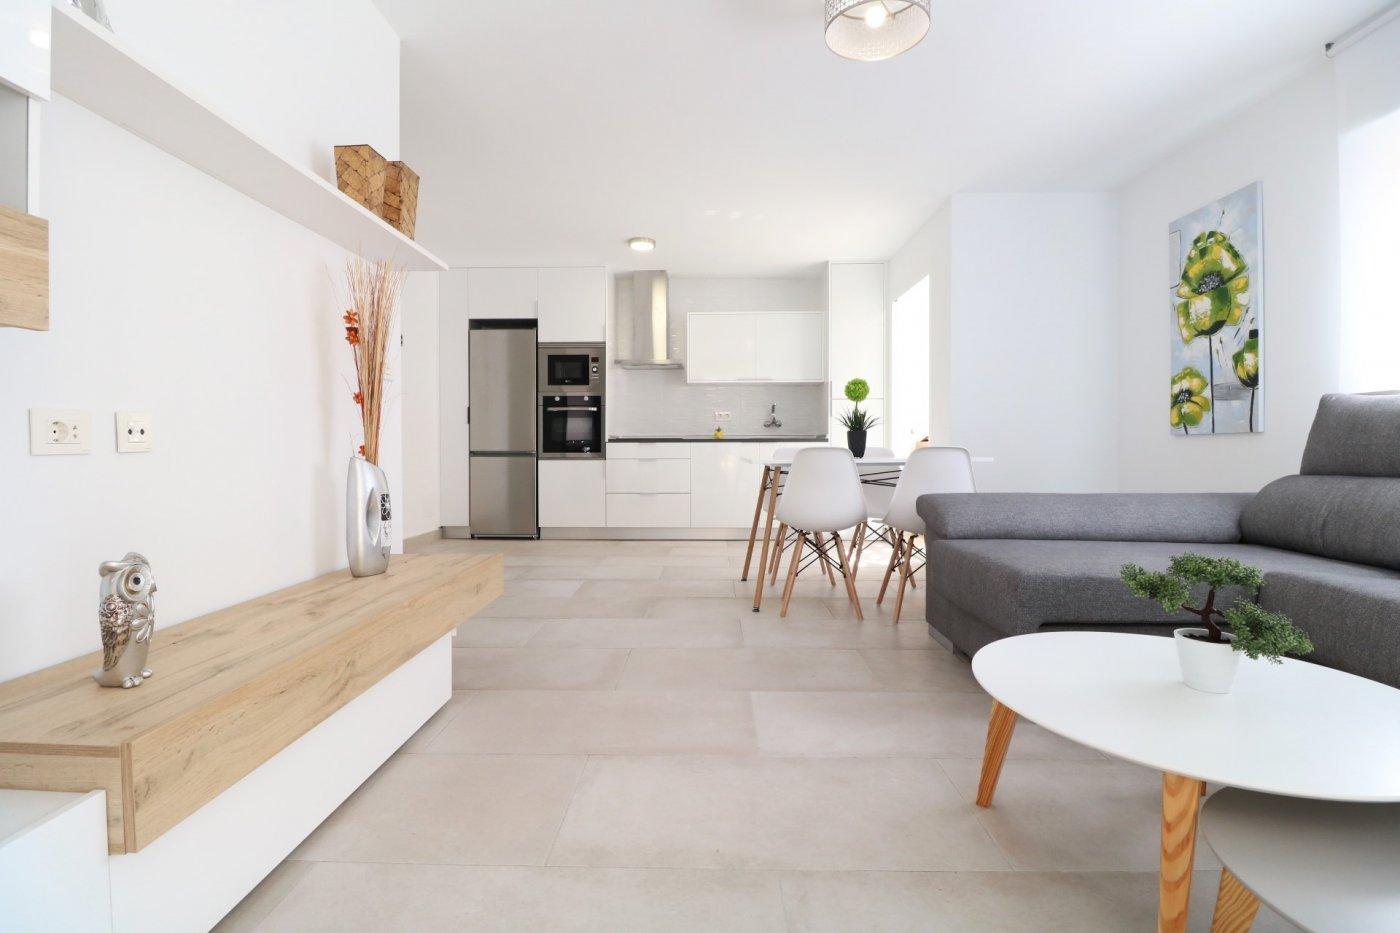 Mooi modern gerenoveerd appartement te koop bij het strand van Acequión in Torrevieja.